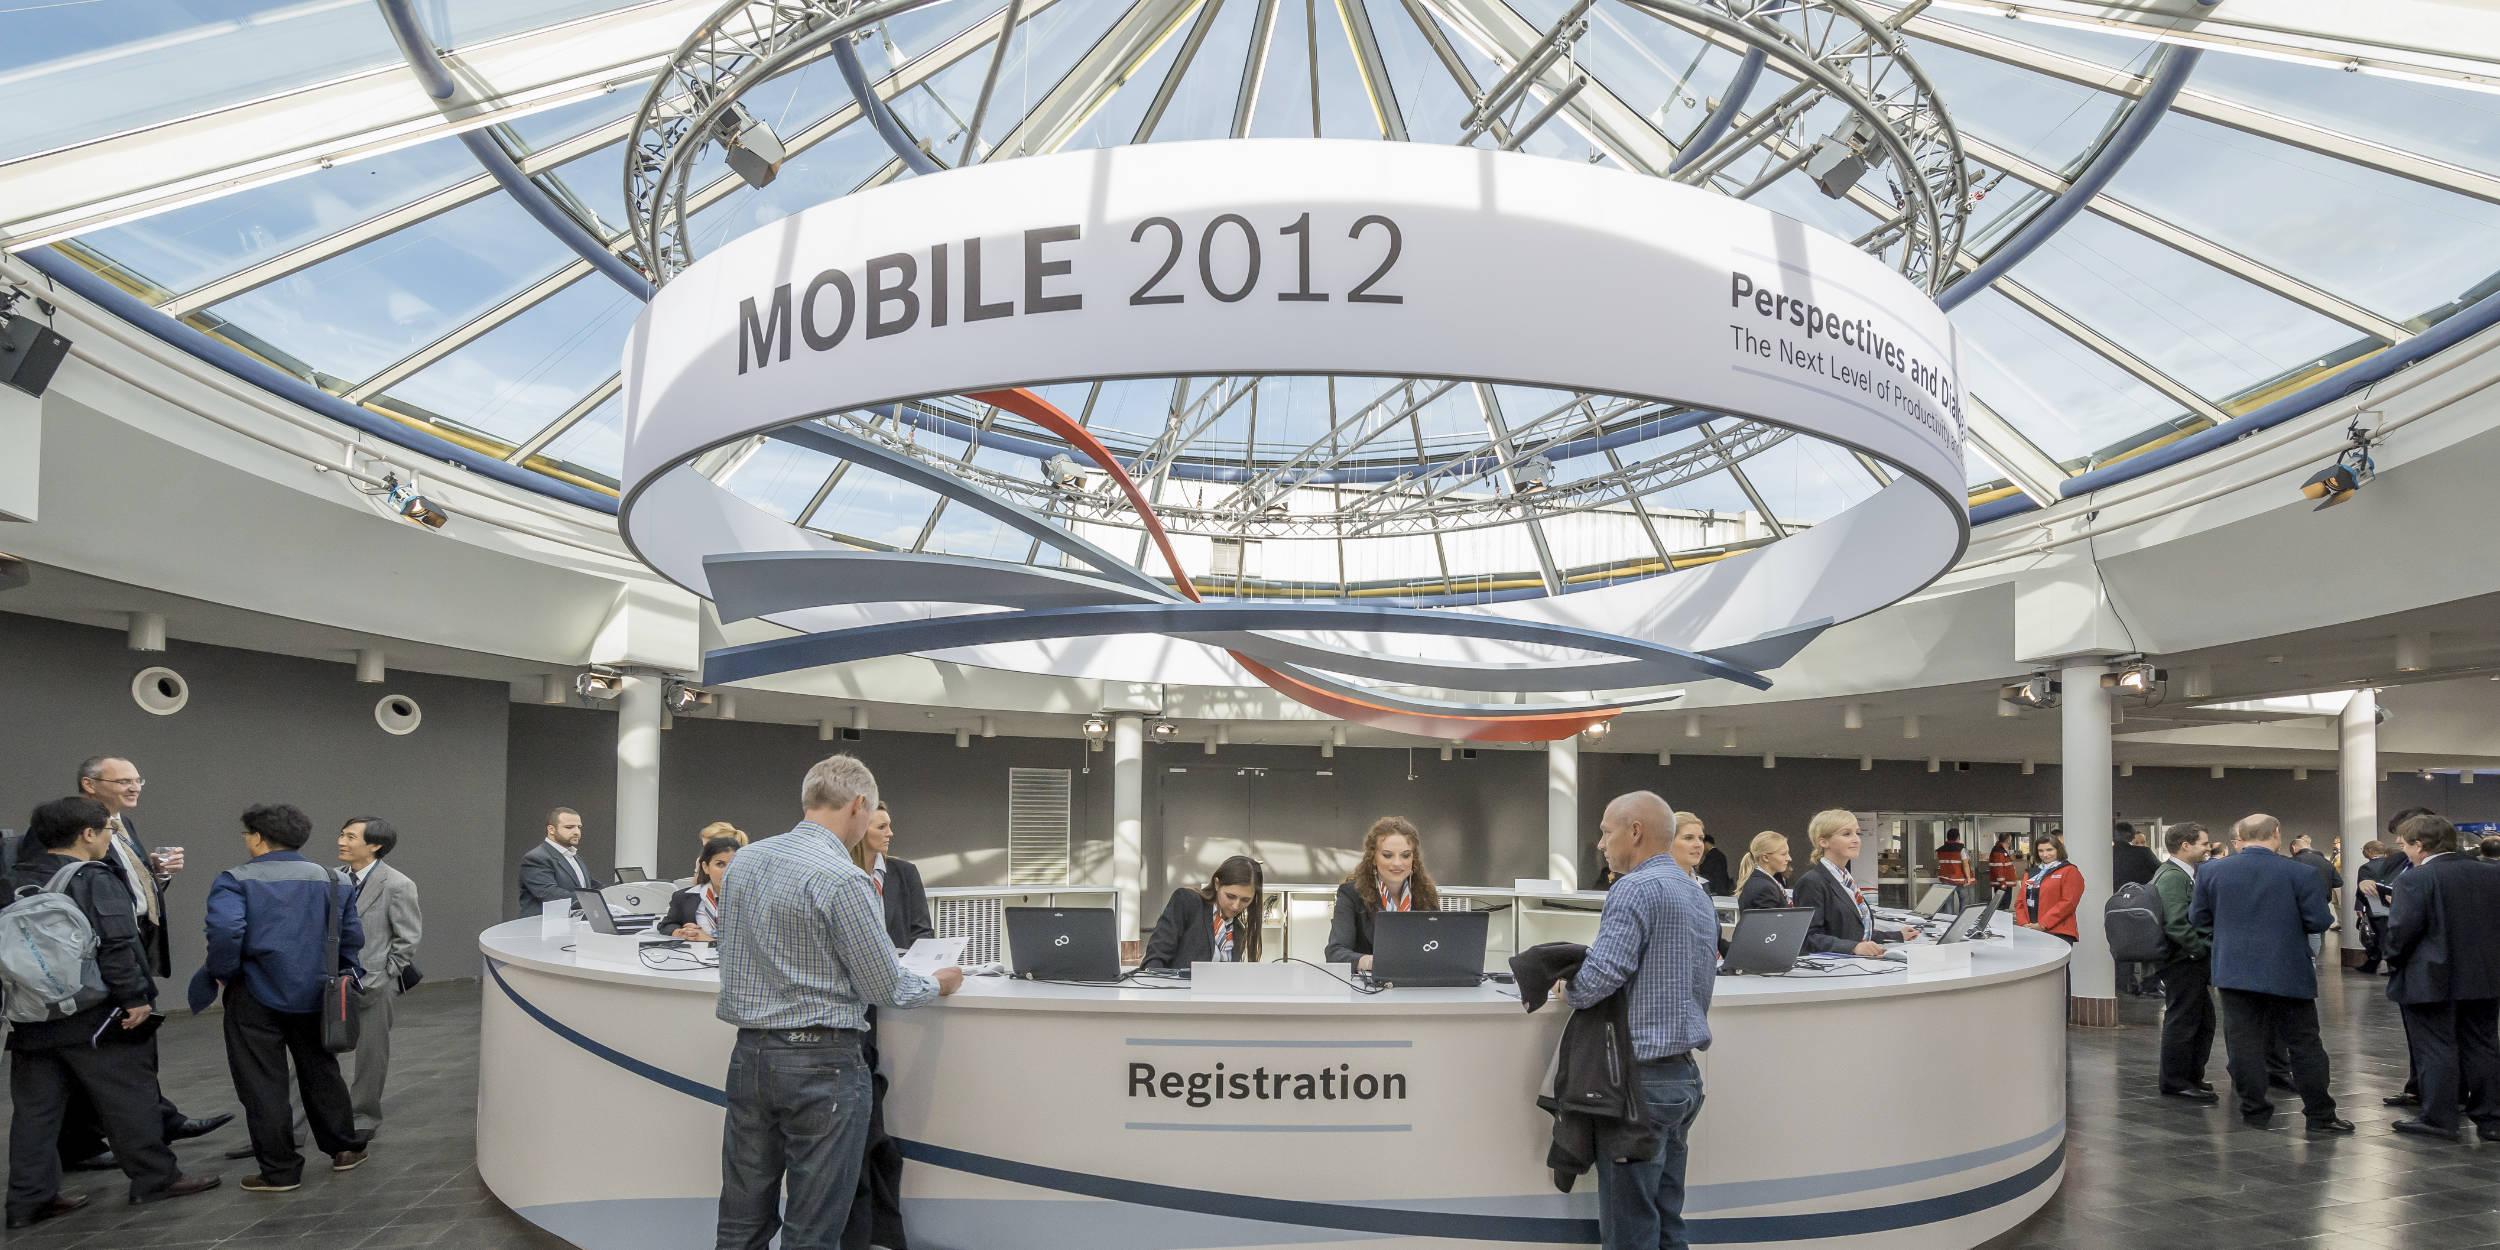 Eventfotografie Stuttgart und Umgebung BOSCH Rexroth Messebegleitung Messe Ulm Mobile 2012 Internationale Messe